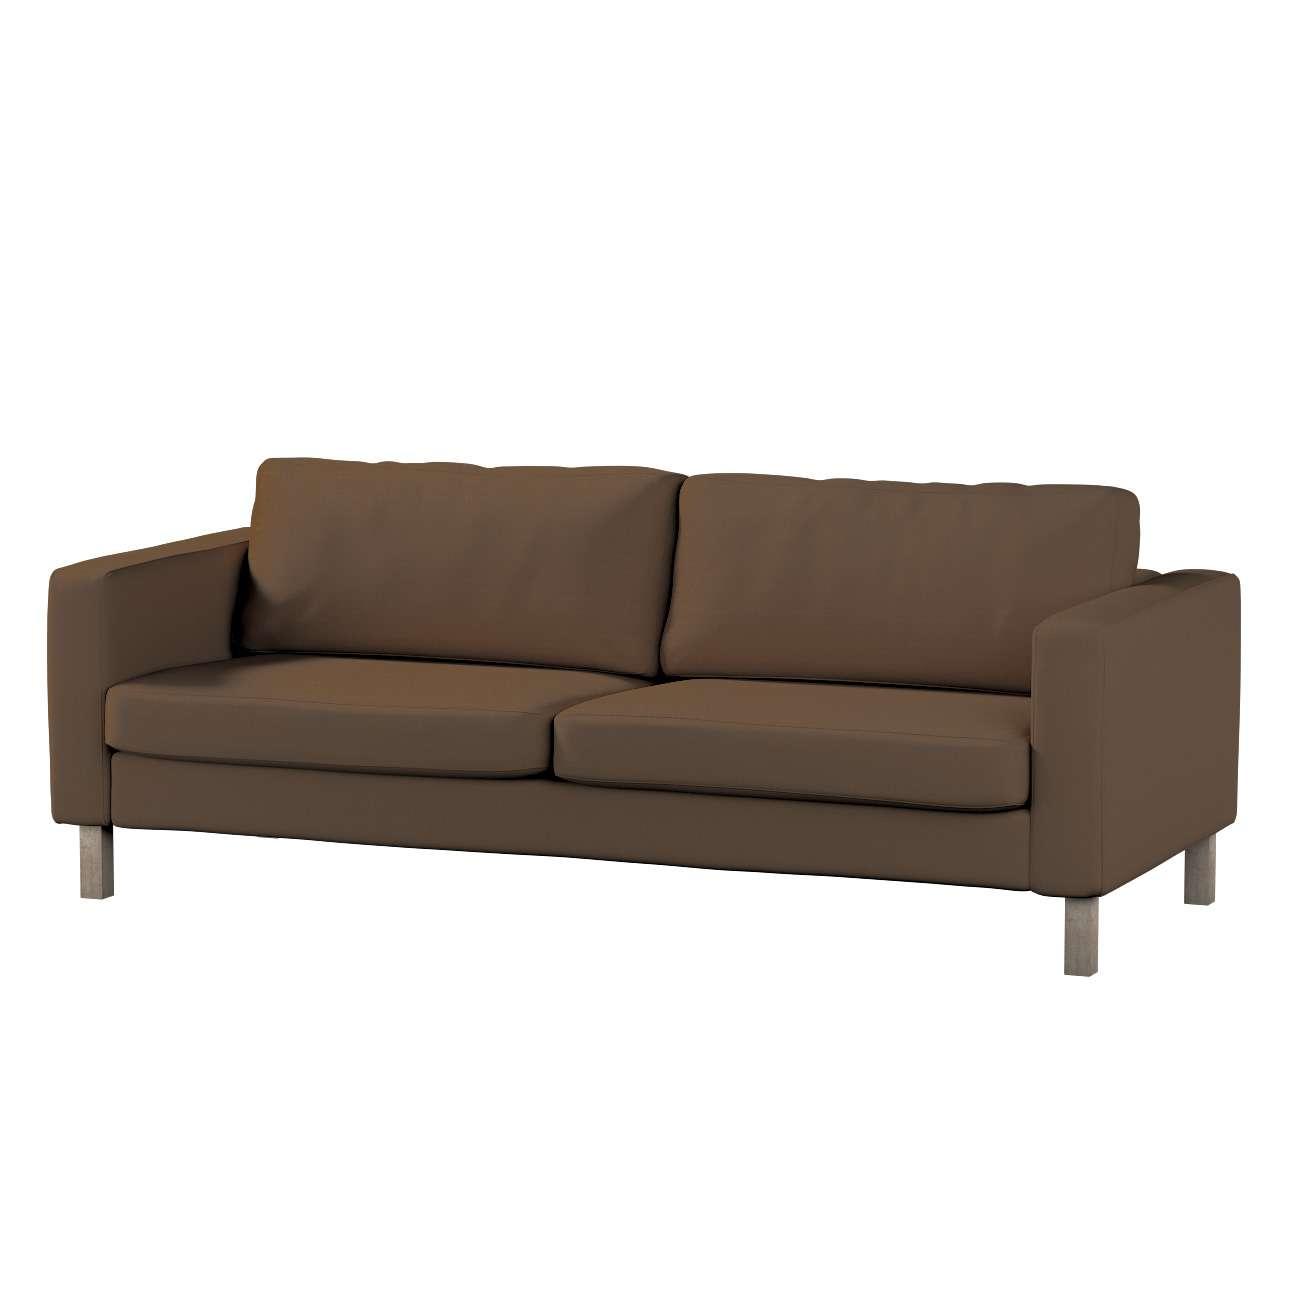 Karlstad sofos-lovos užvalkalas Karlstad trivietės sofos-lovos užvalkalas (išlankstomai sofai) kolekcijoje Cotton Panama, audinys: 702-02